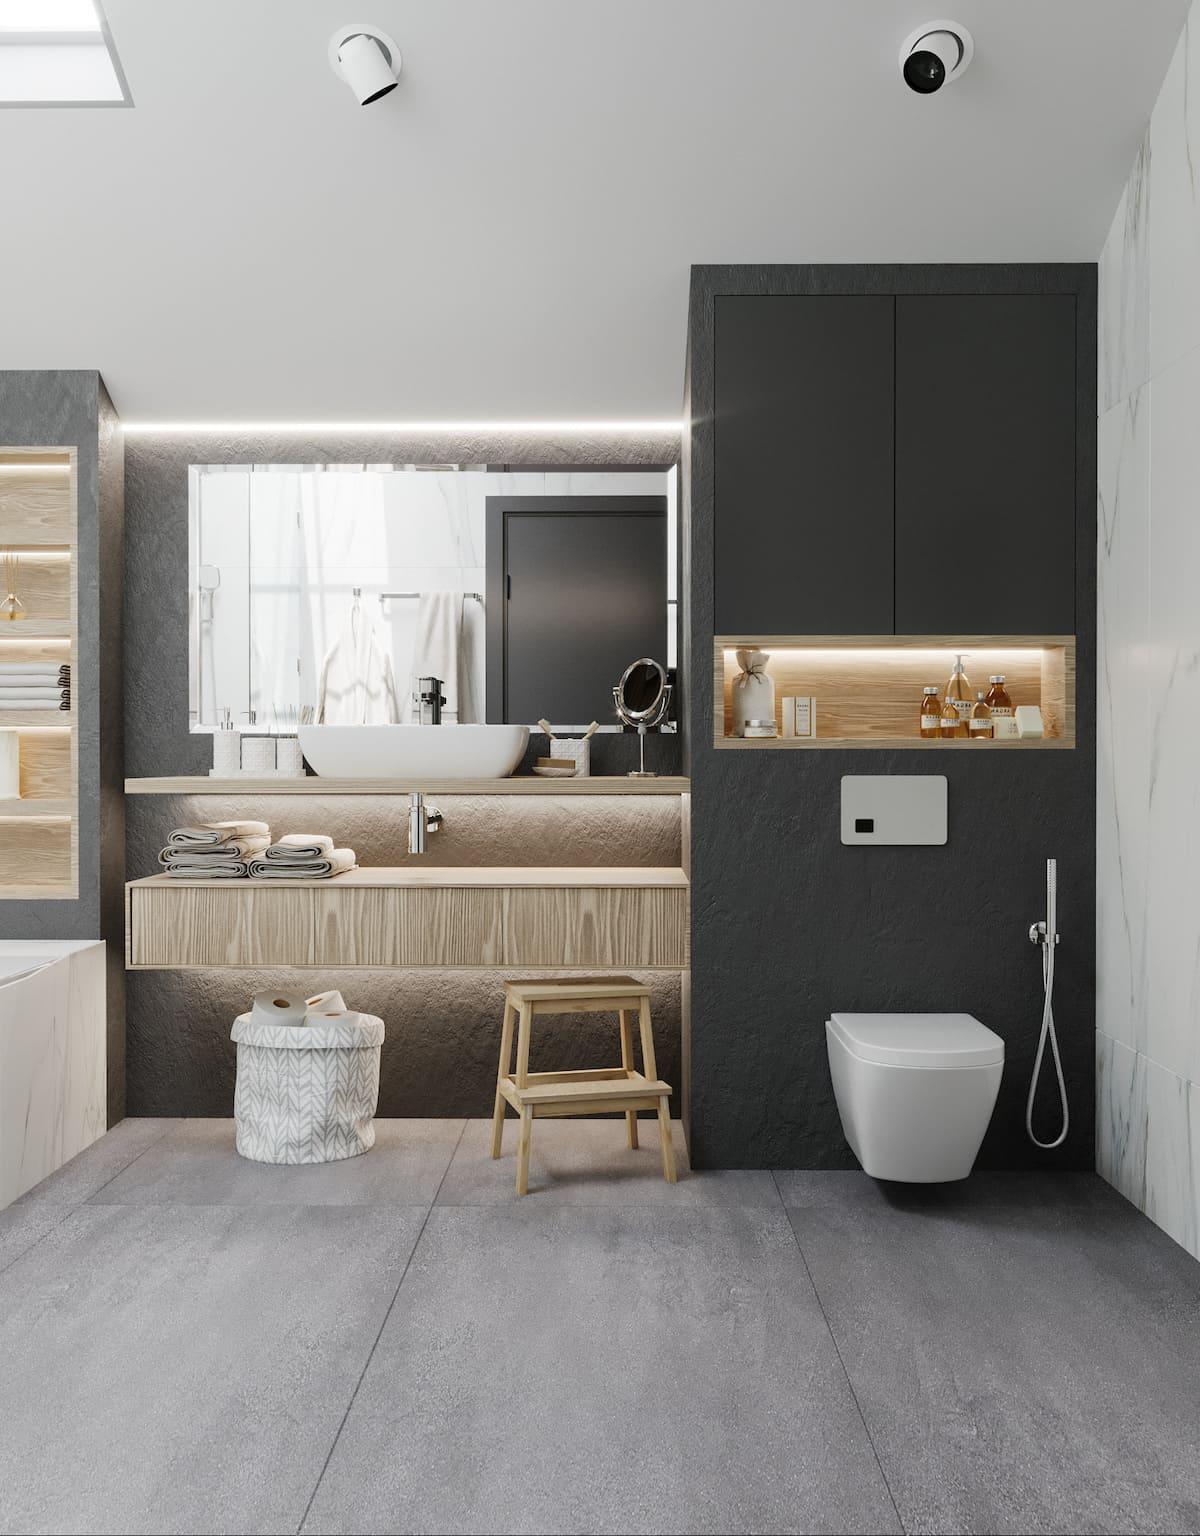 дизайн интерьера ванной комнаты фото 40